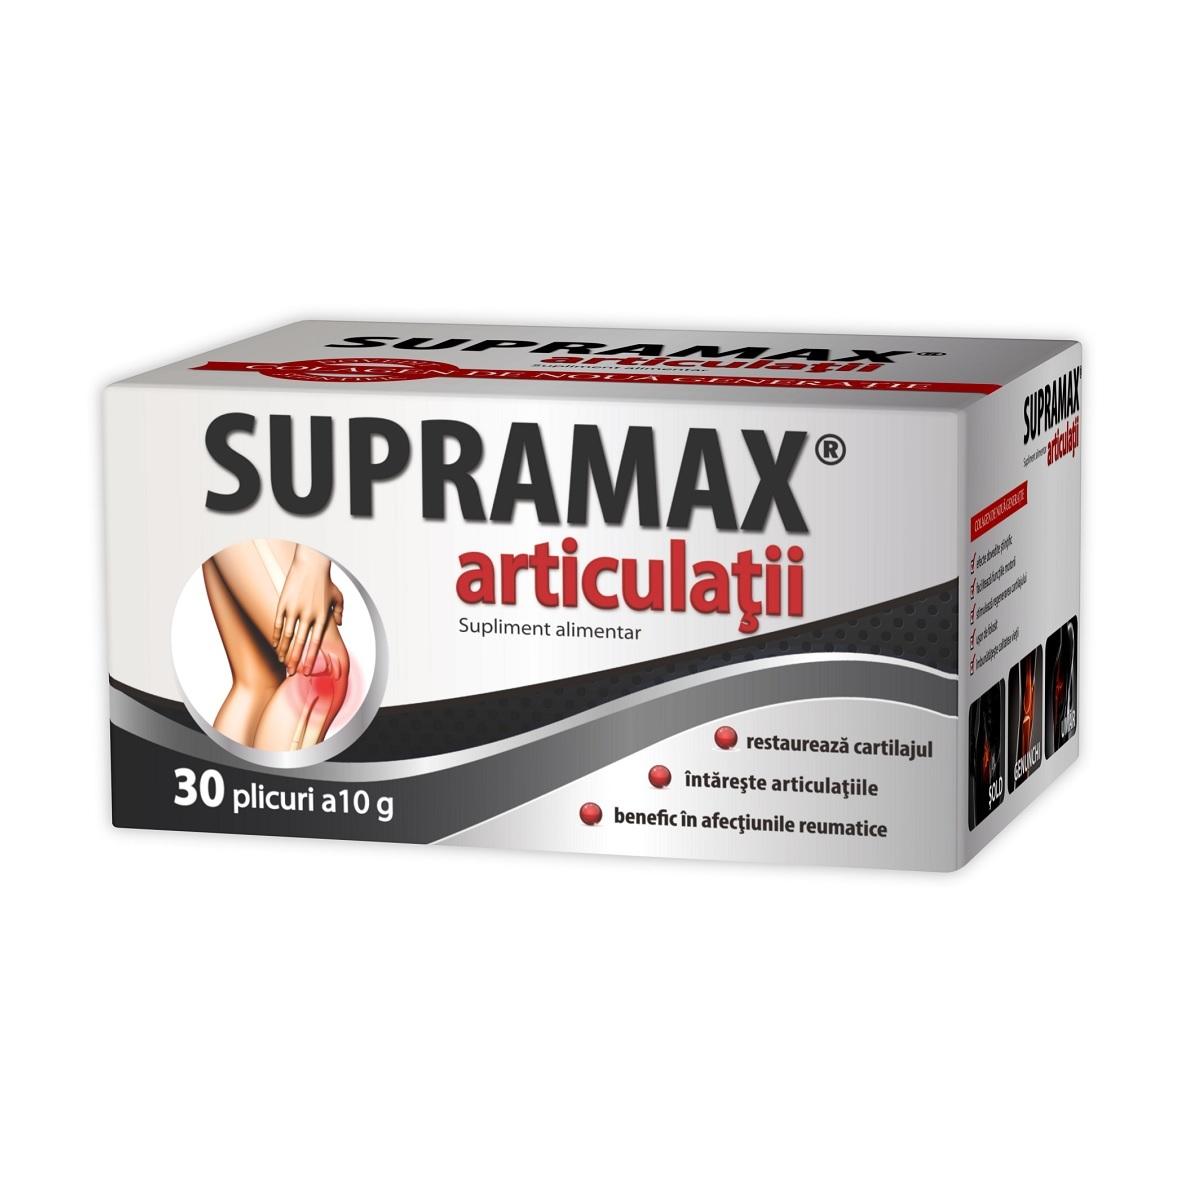 Supramax articulatii, 30 plicuri, Zdrovit drmax poza